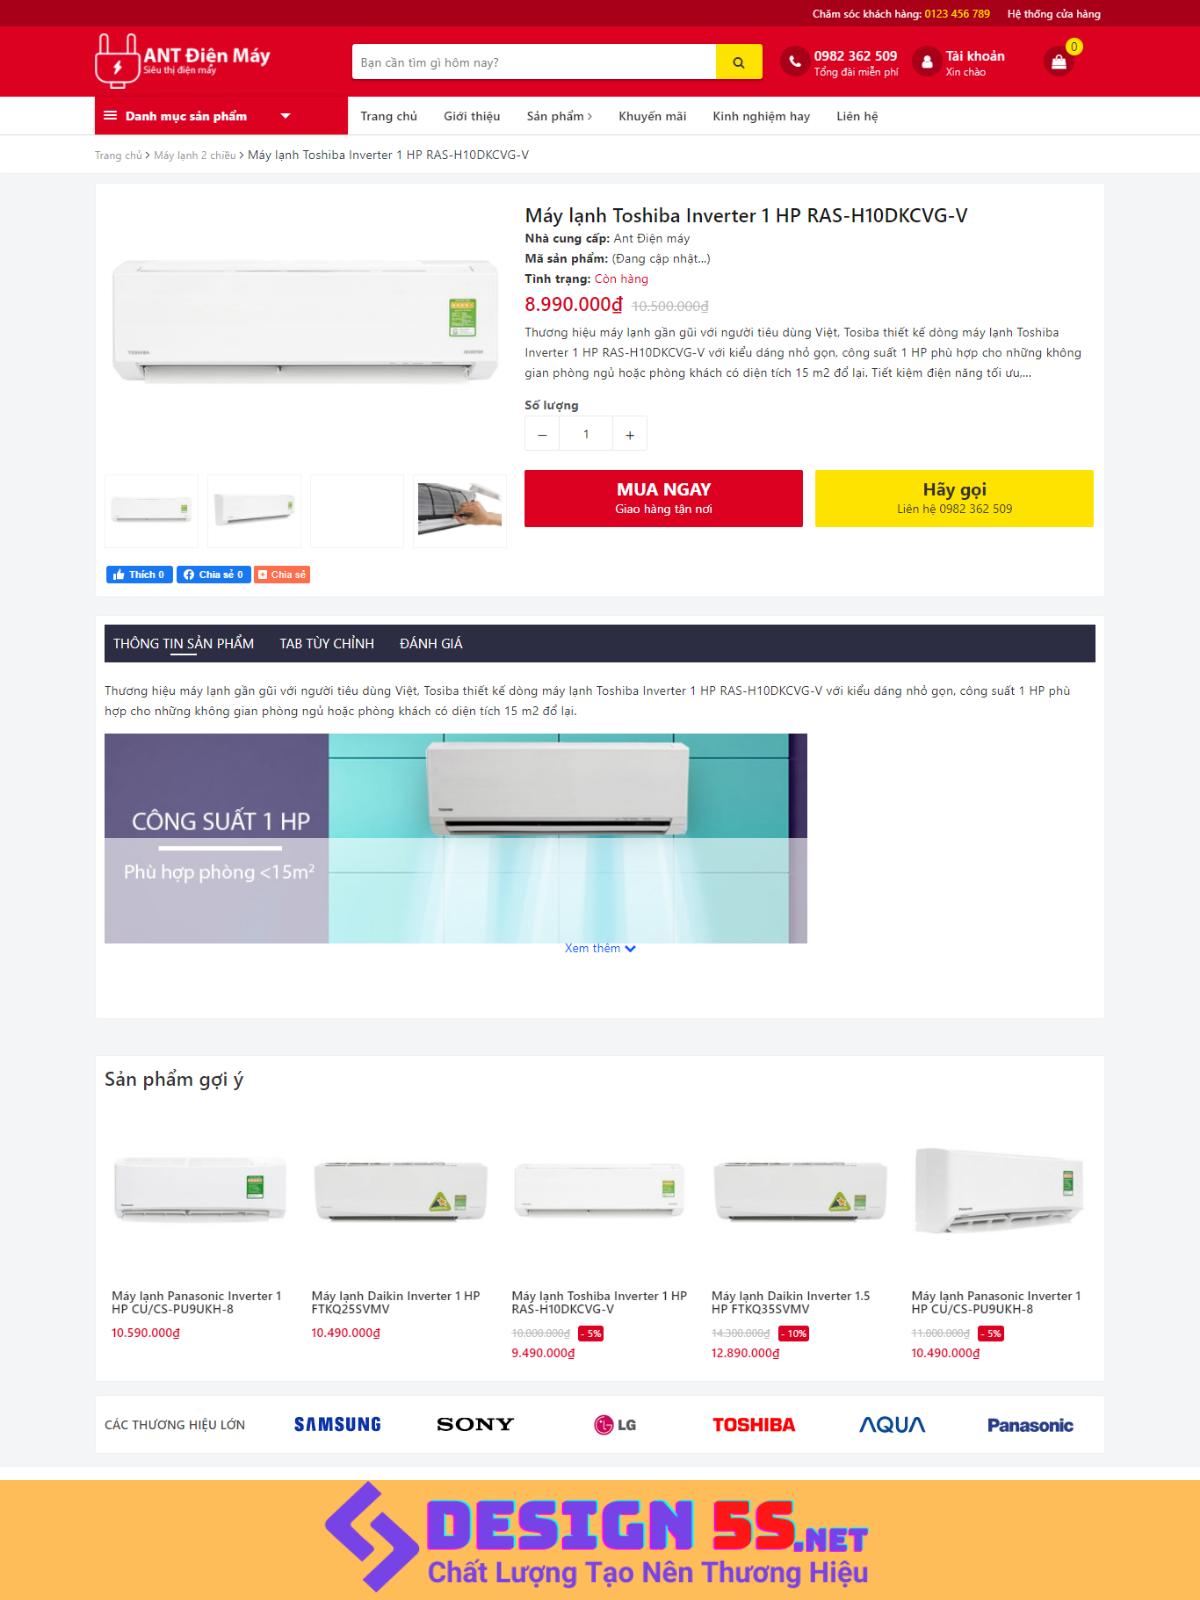 Theme blogspot bán hàng điện máy, điện gia dụng VSM81 - Ảnh 2